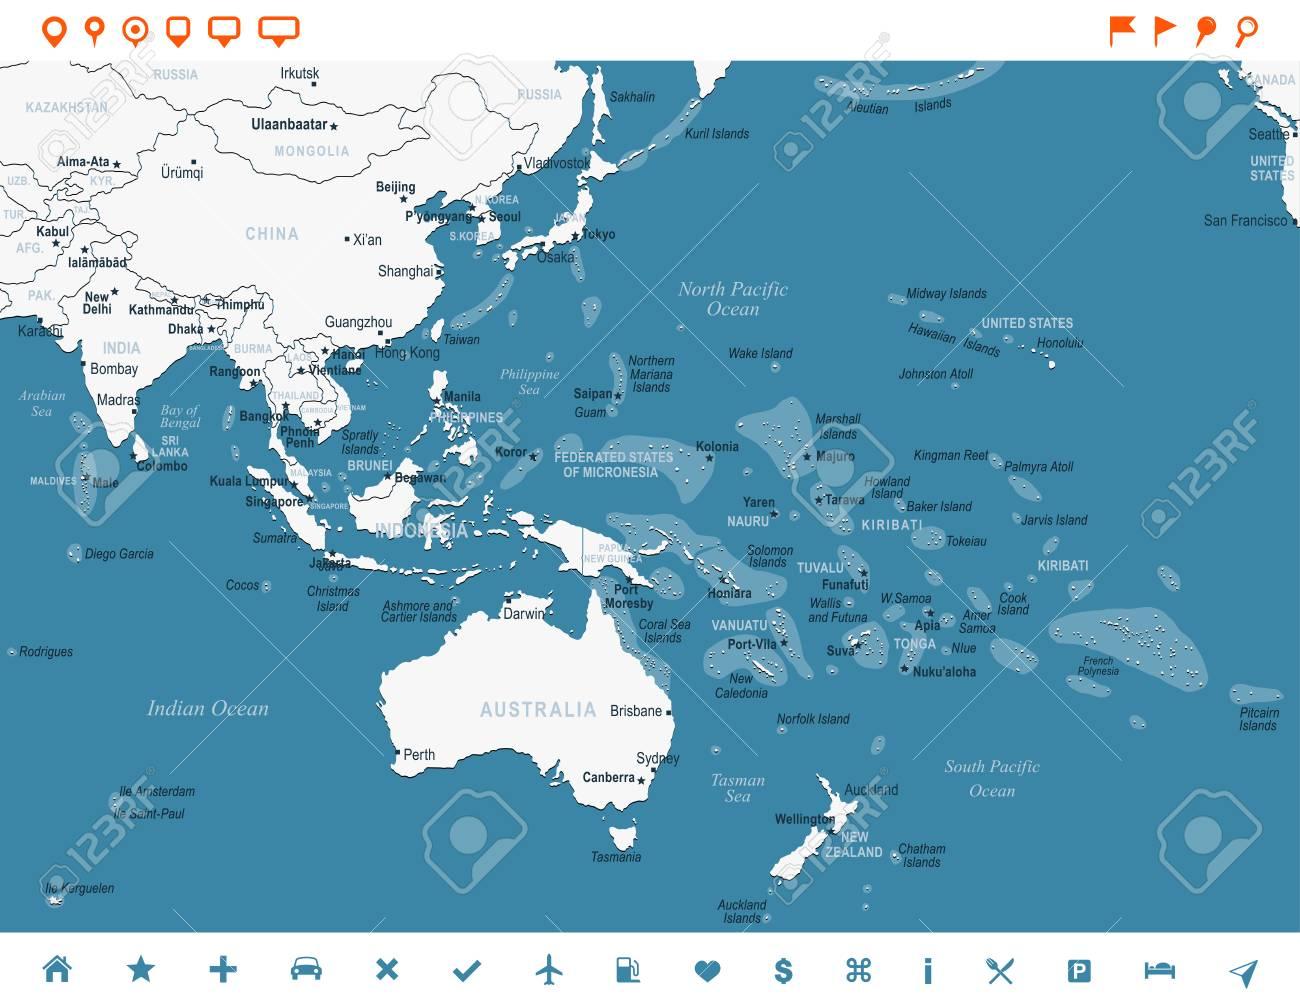 Carte Asie Indonesie.Asie Et L 39 Indonesie Carte D 39 Oceanie Detaillee Illustration